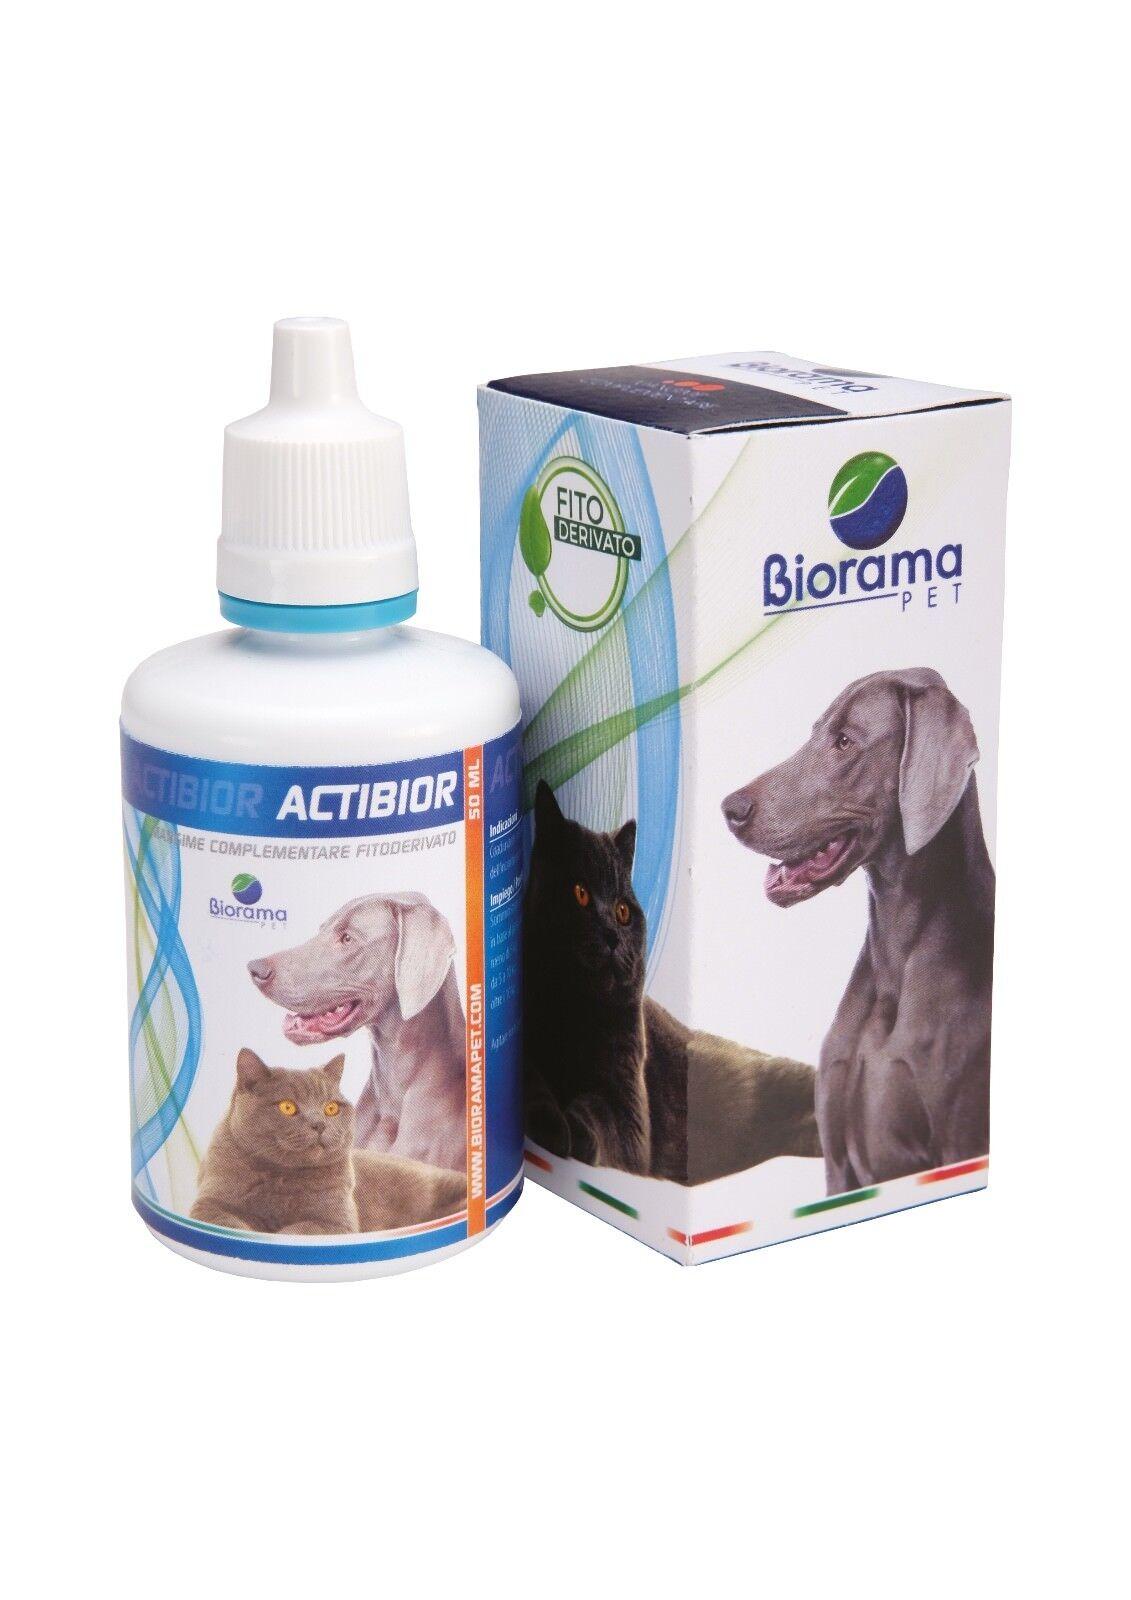 ACTIBIOR Mangime complementare fitoderivato per cani gatti incontinenti Biorama